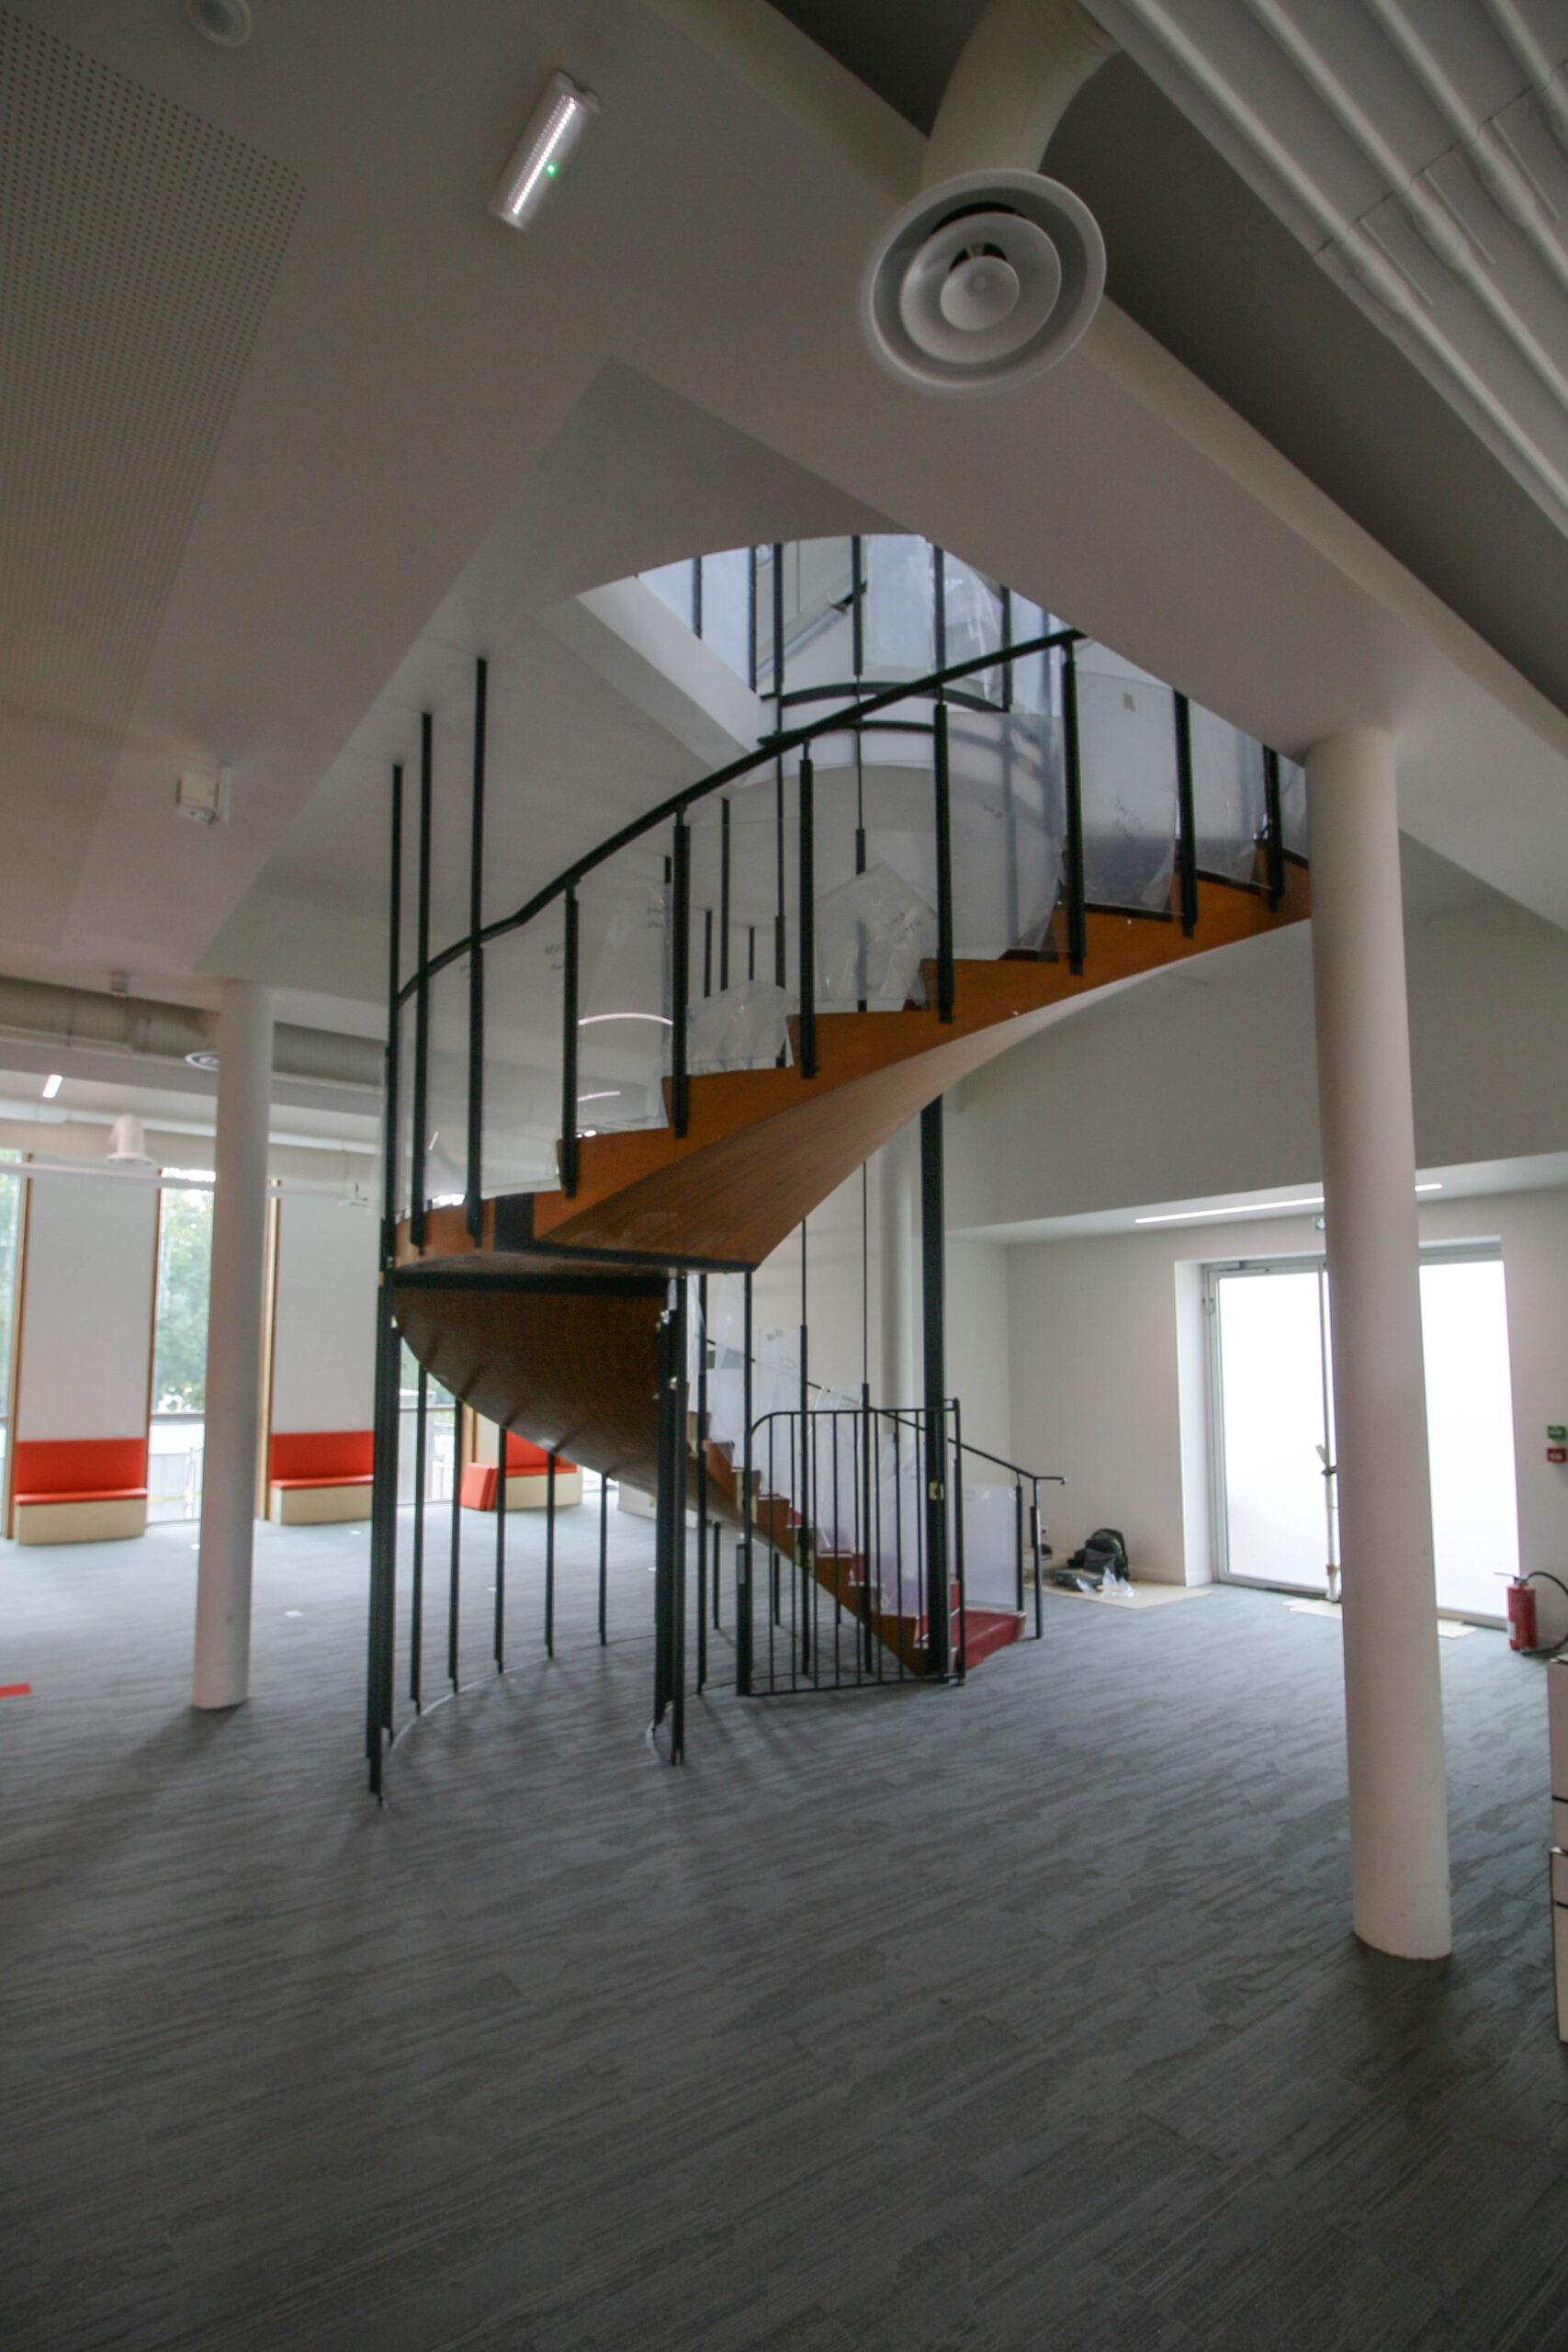 Rez-de-chaussée de l'aile Sud : escalier (septembre 2020)